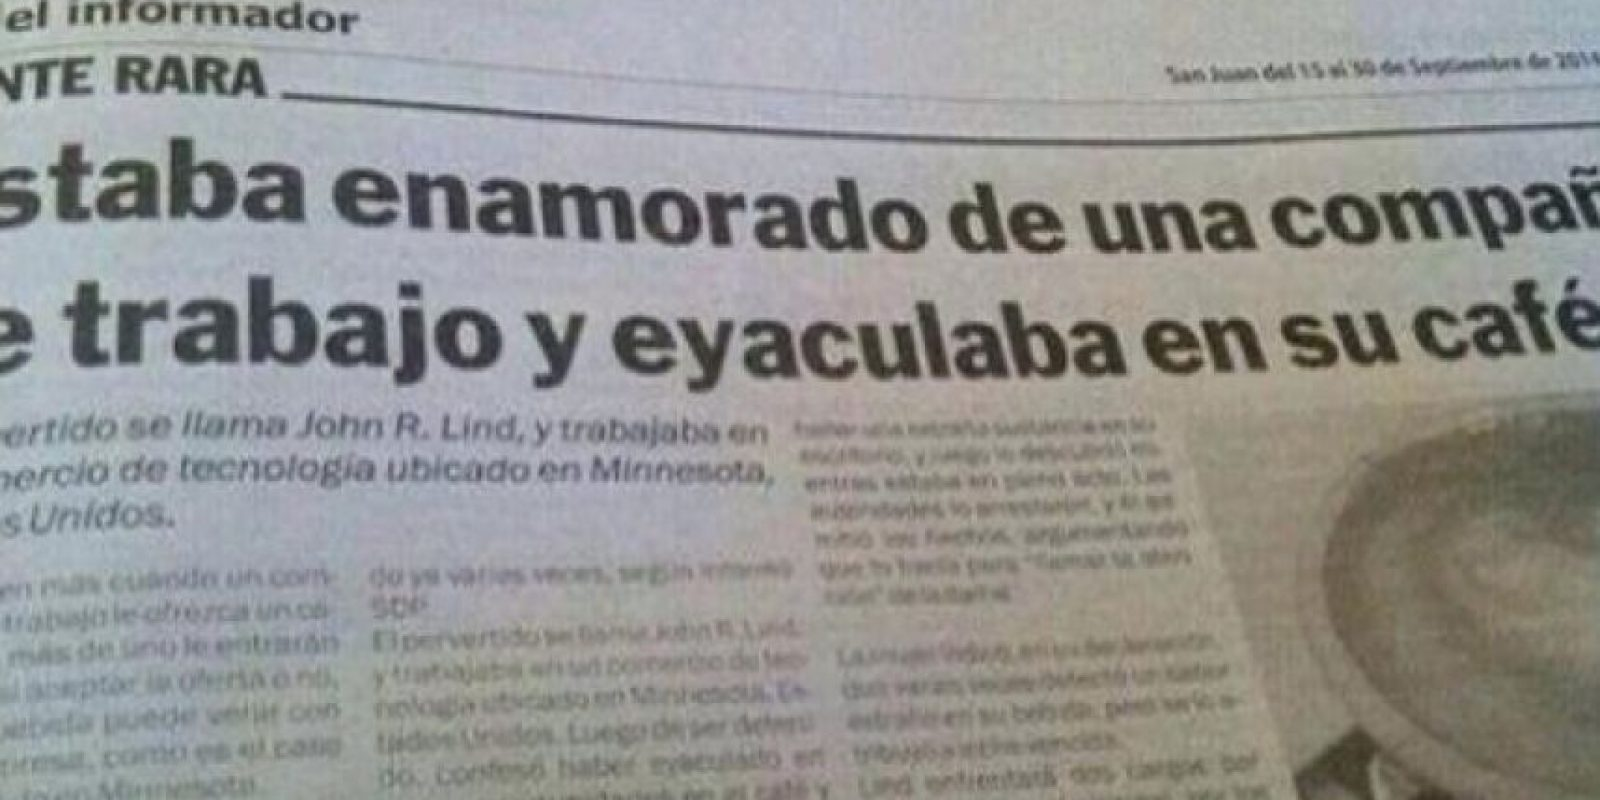 El titular lo dice todo.